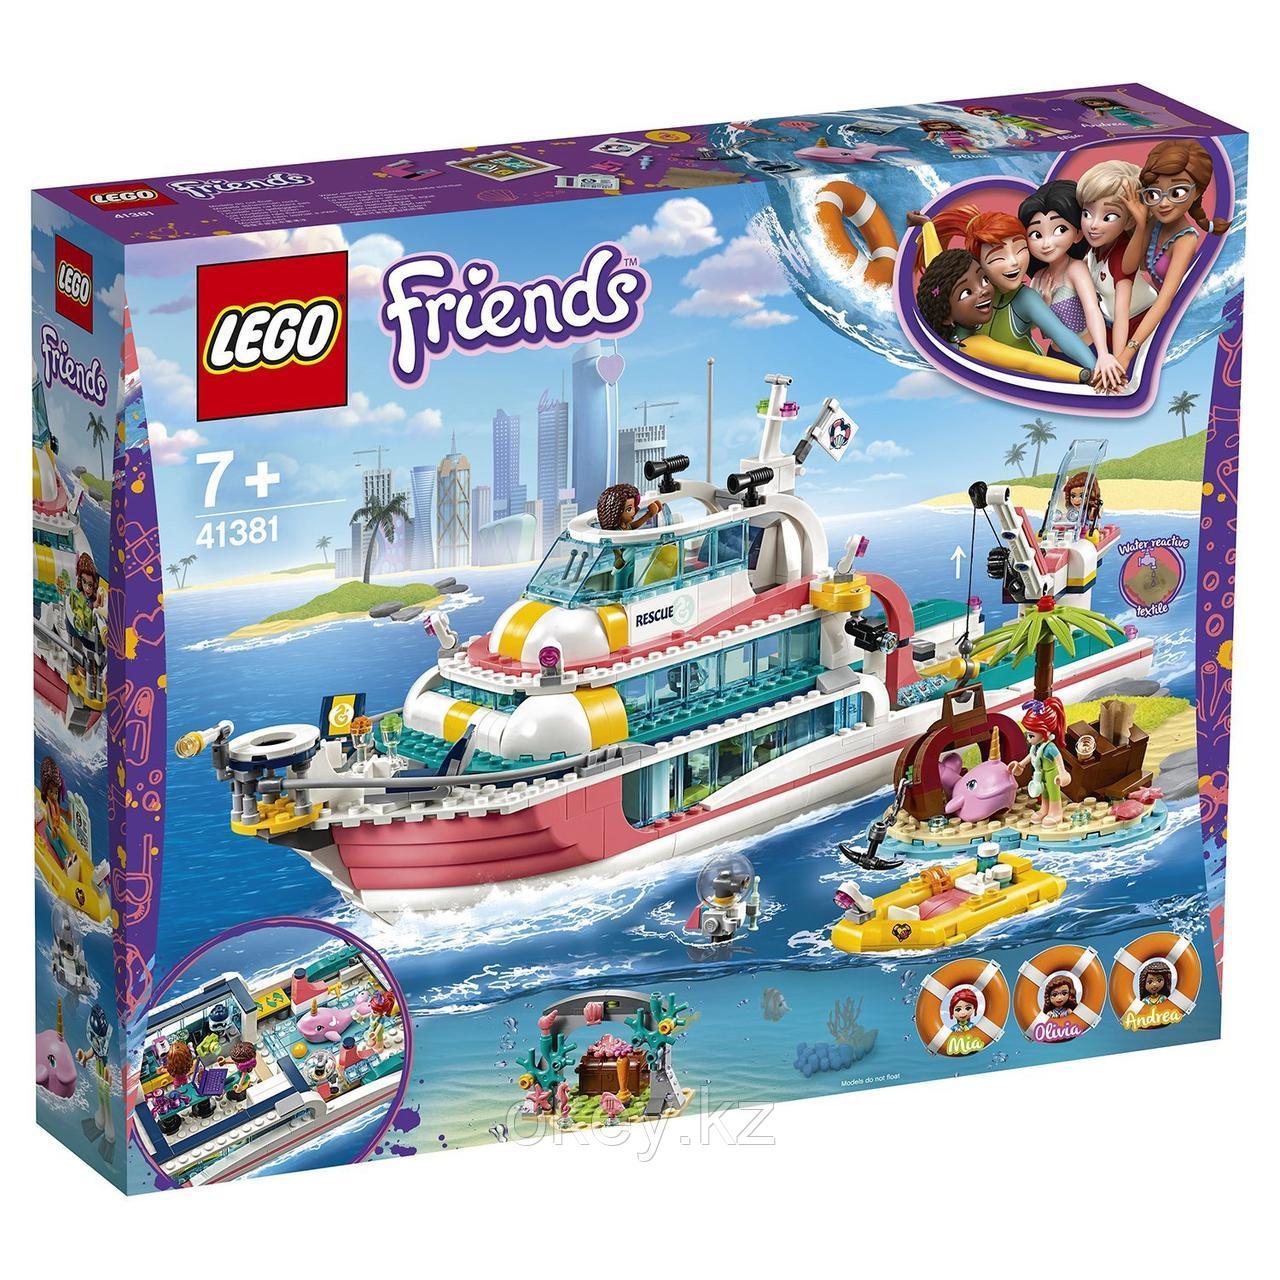 LEGO Friends: Катер для спасательных операций 41381